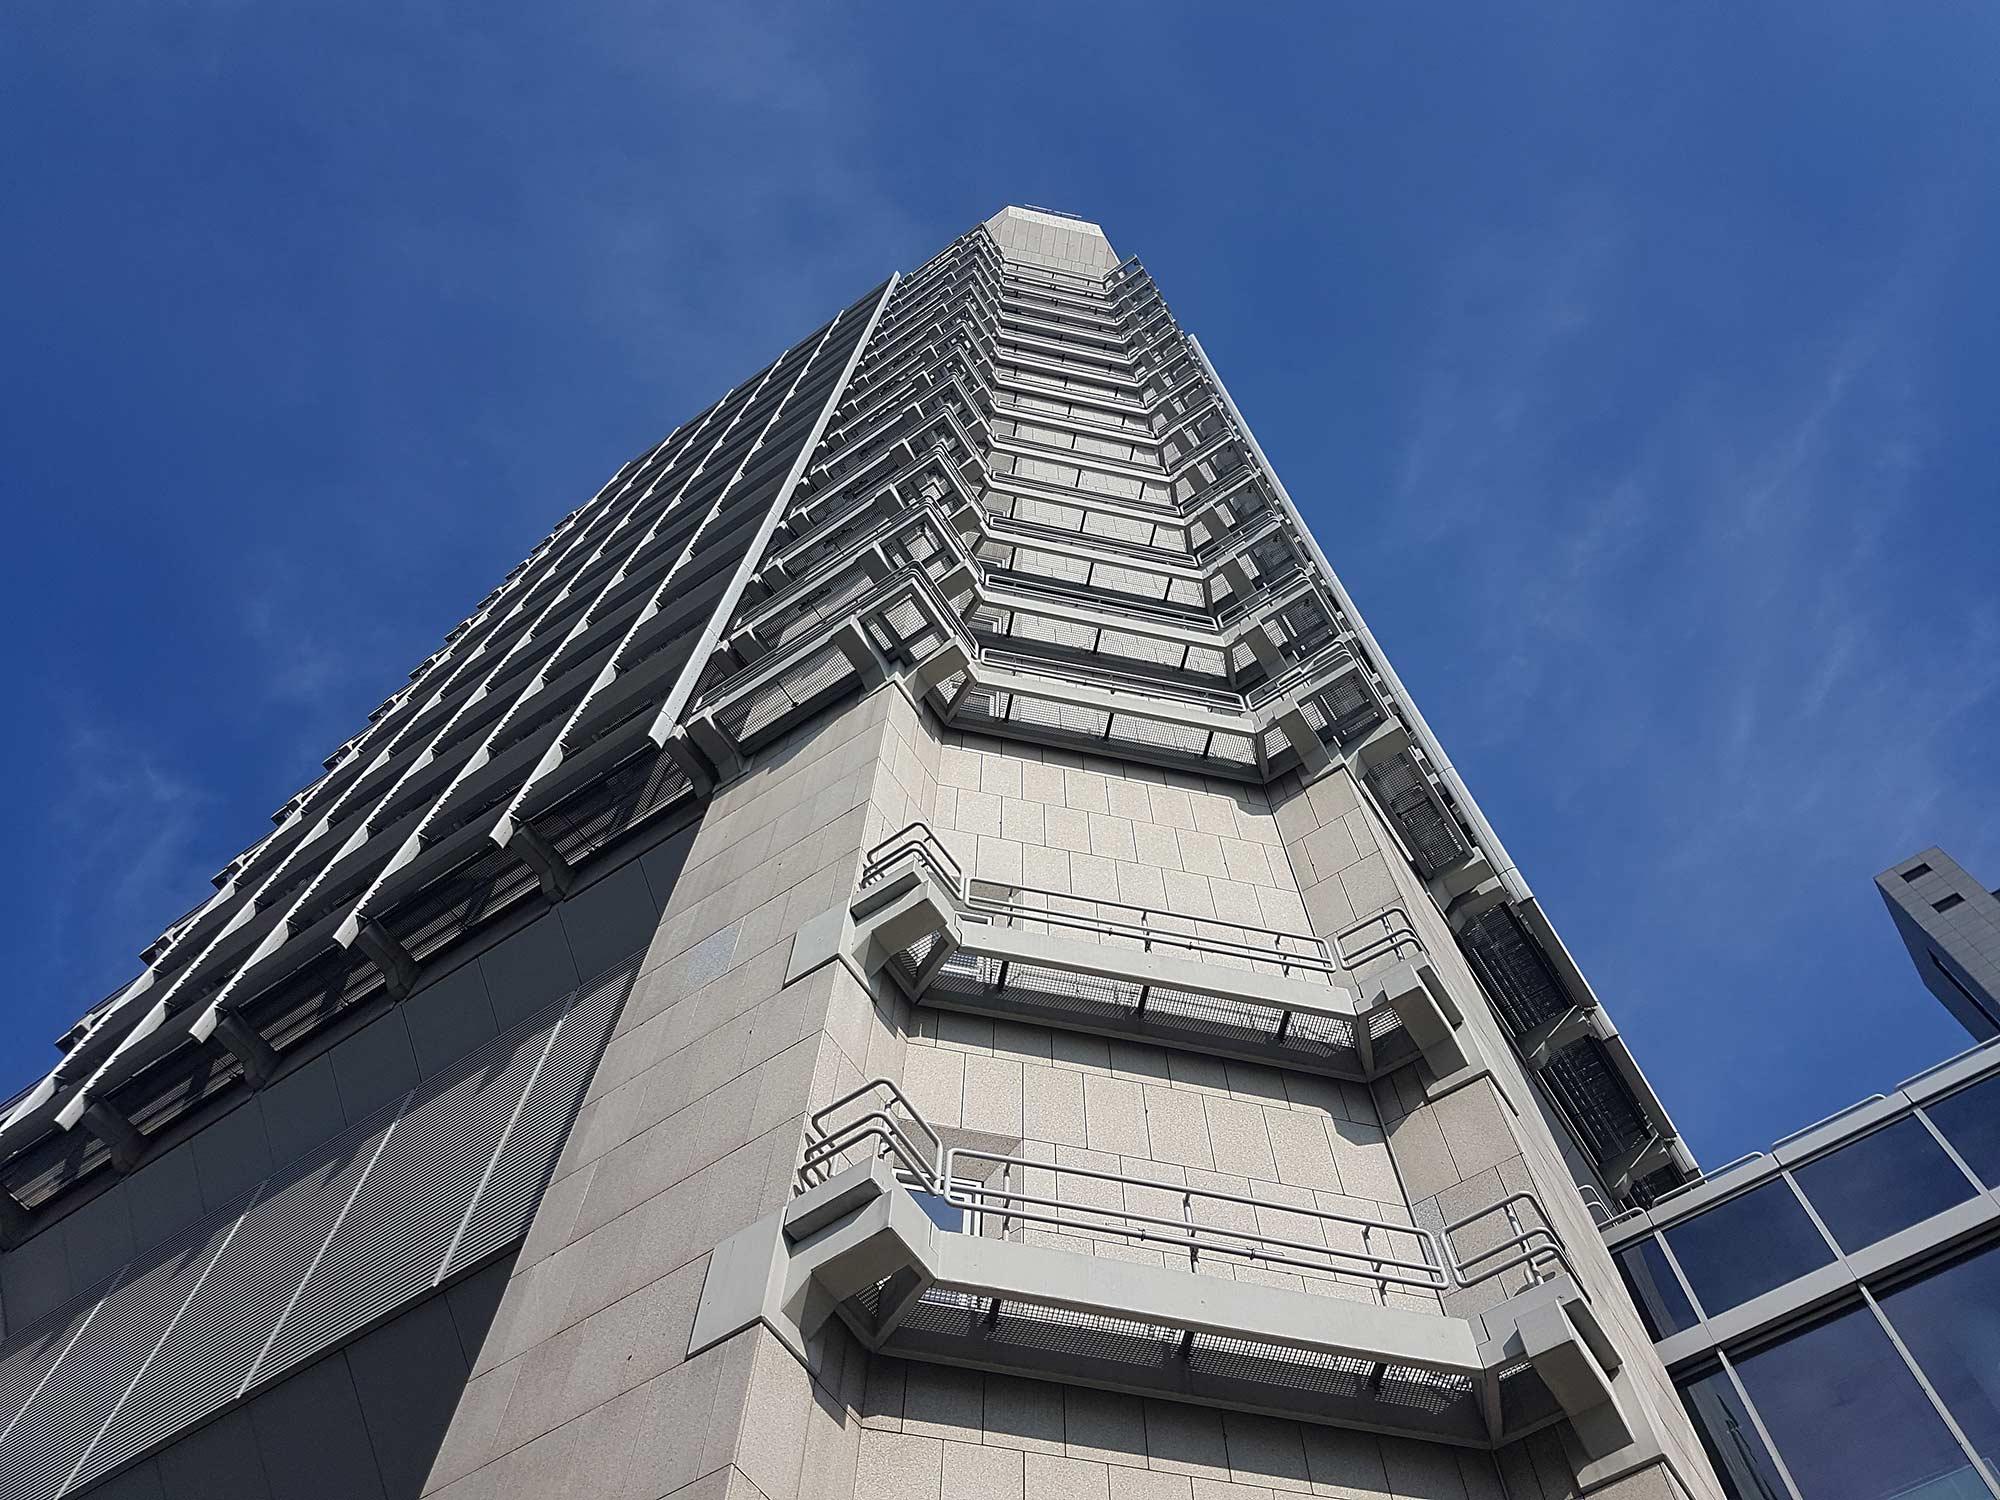 Altes Hochhaus der Union Investment in Frankfurt